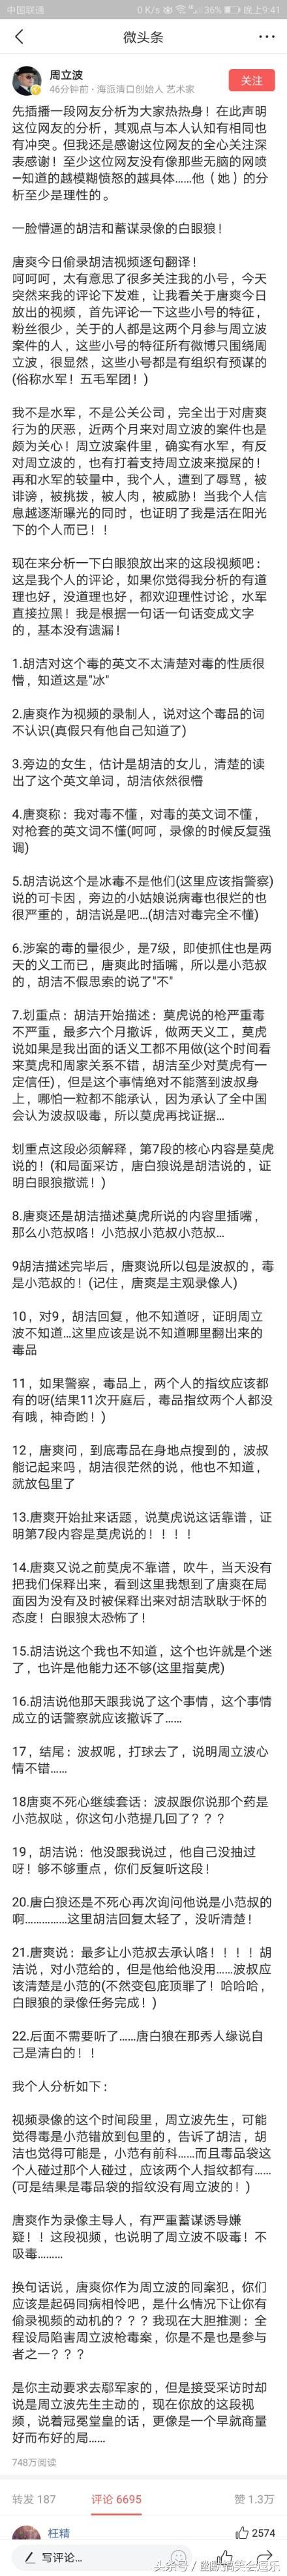 周立波发文反击唐爽,列举22条分析,自证清白